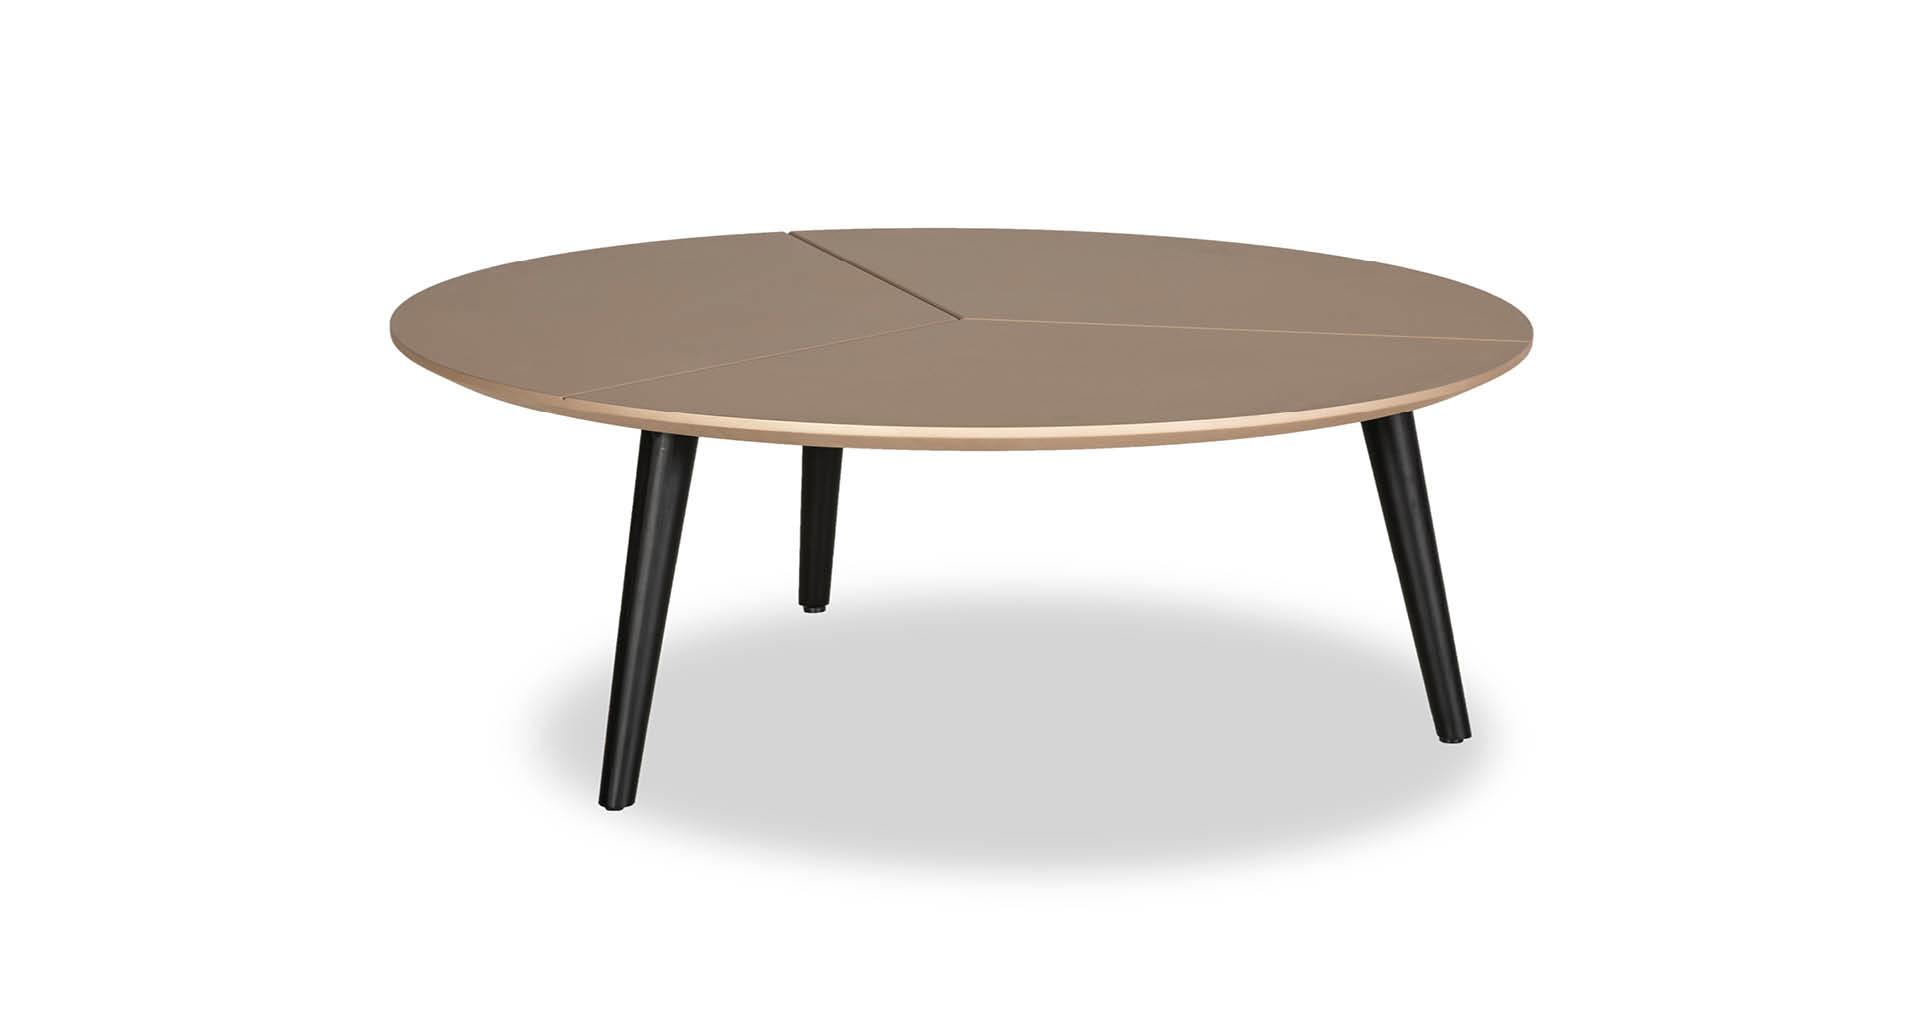 """שולחן סלון קונקרט 85 ס""""מ בגוון רוז גולד"""